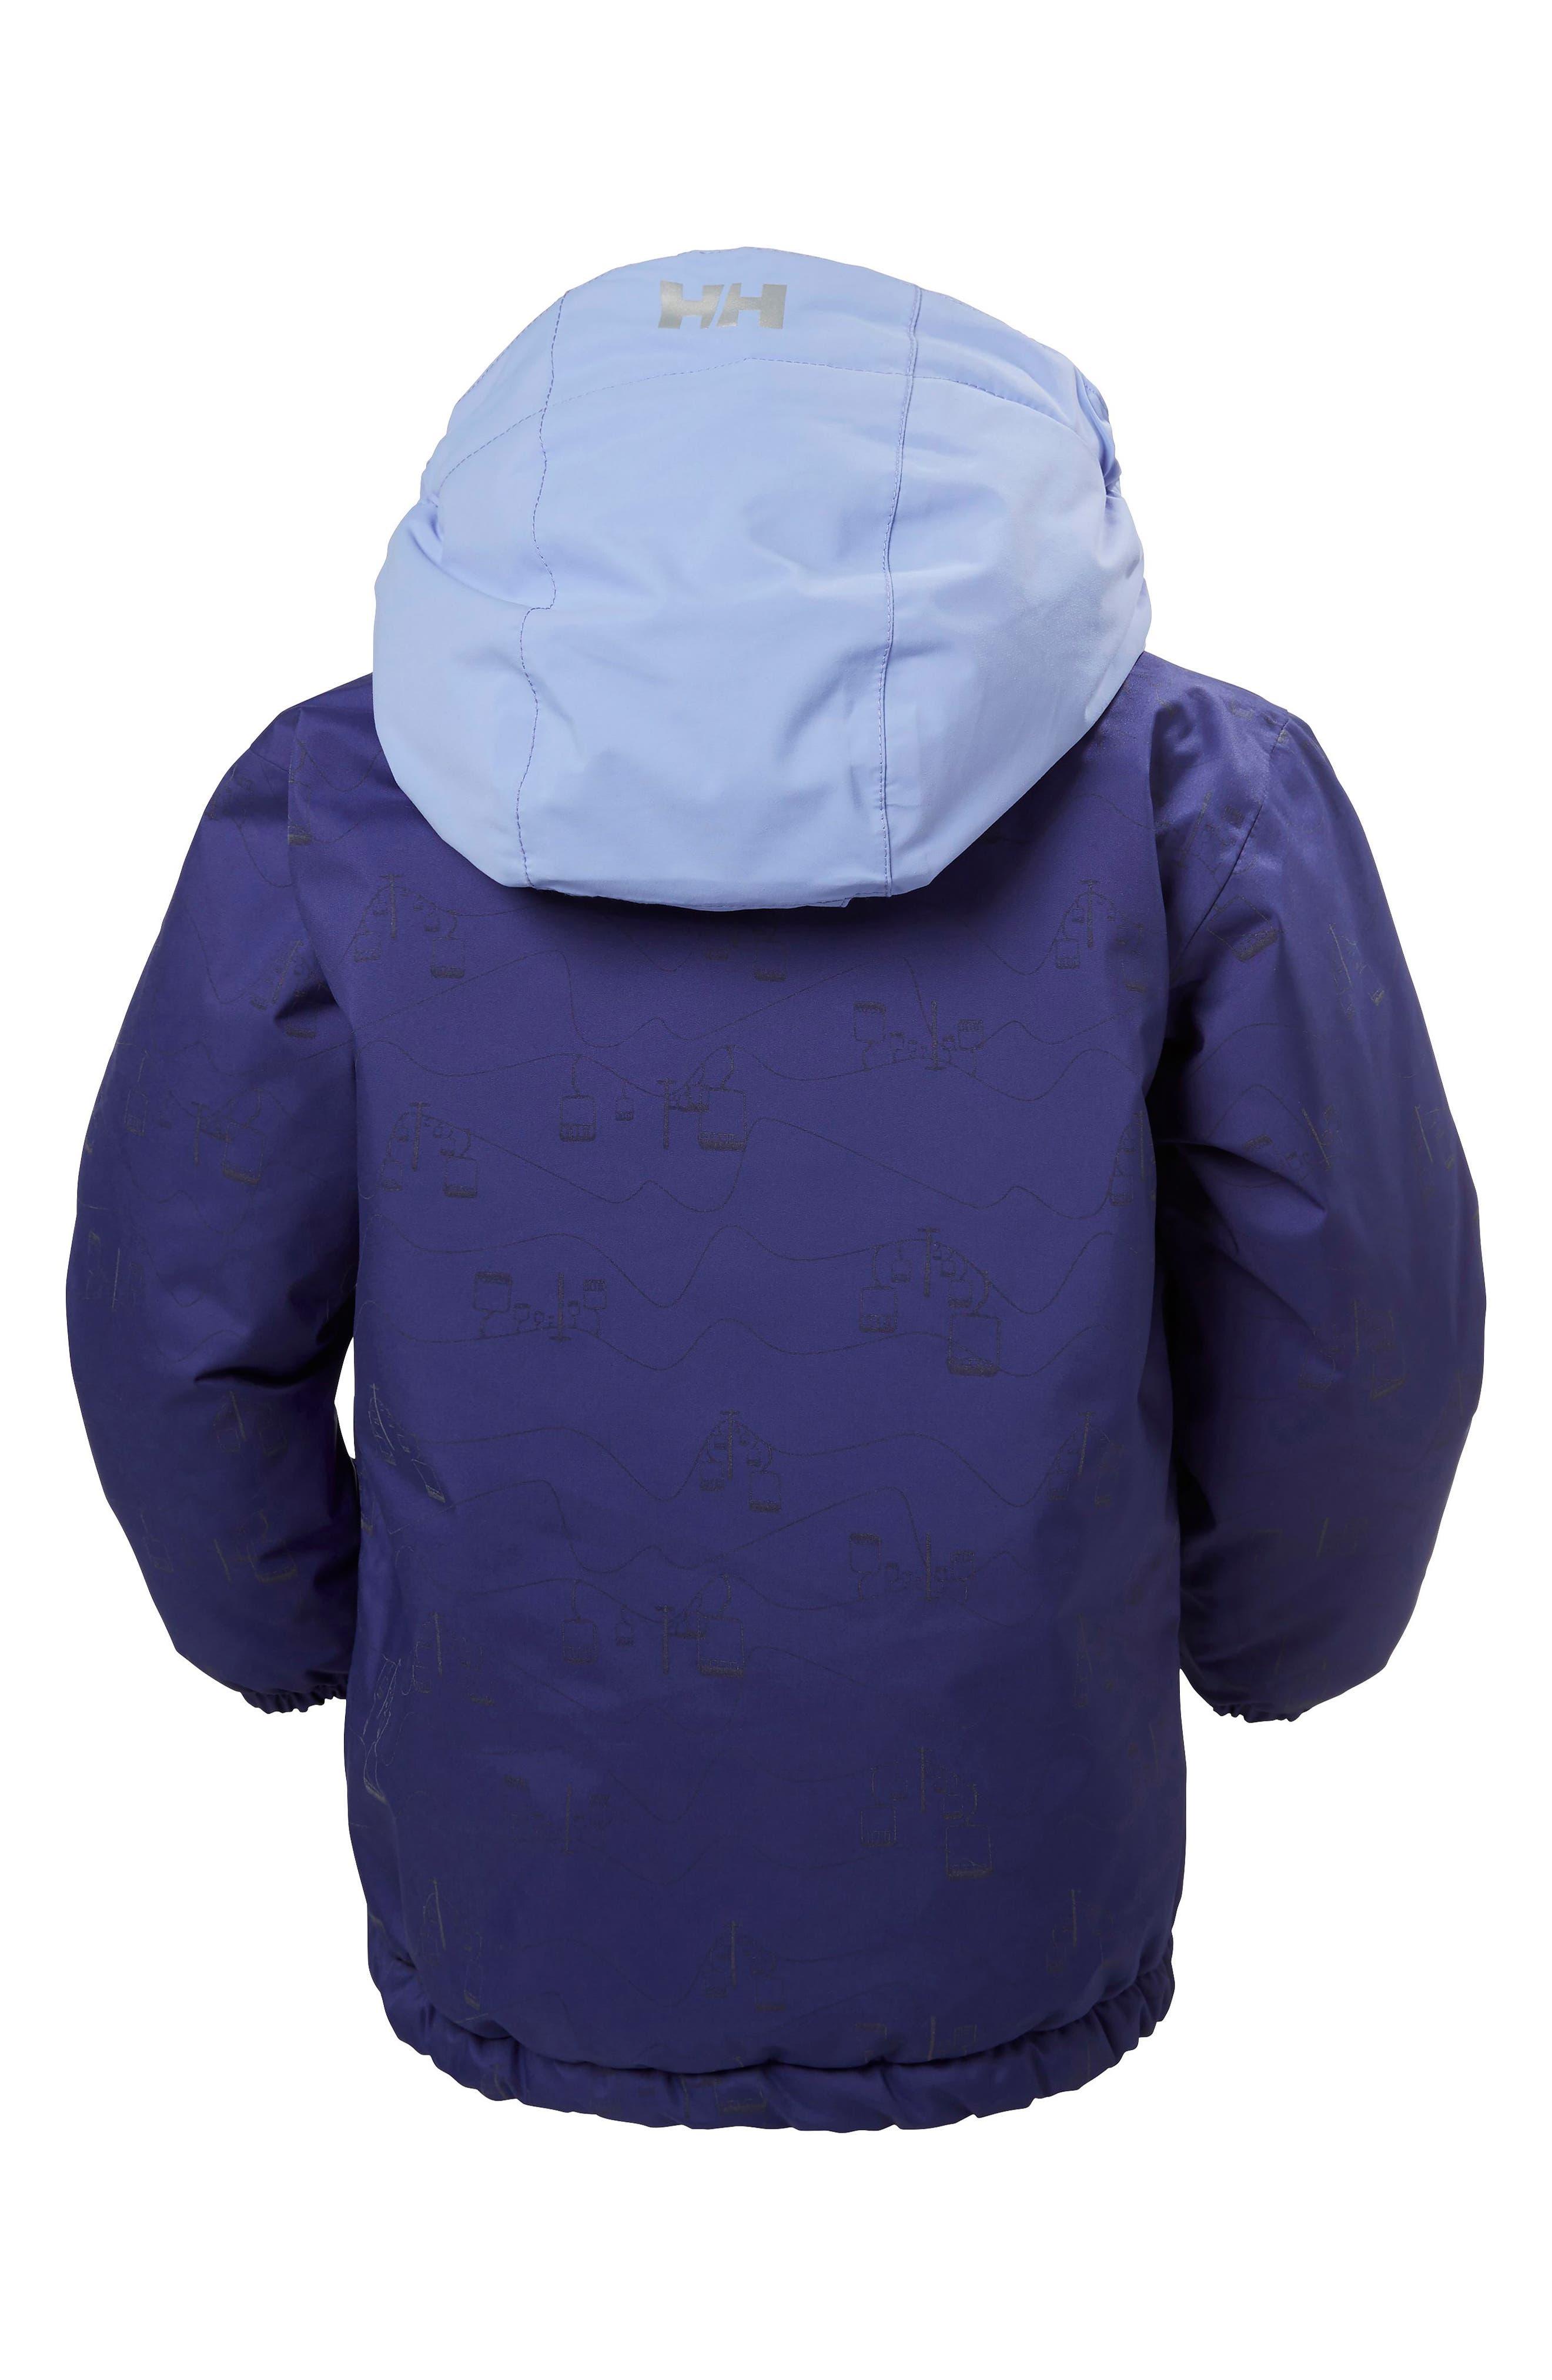 Snowfall Waterproof Insulated Jacket,                             Main thumbnail 1, color,                             548